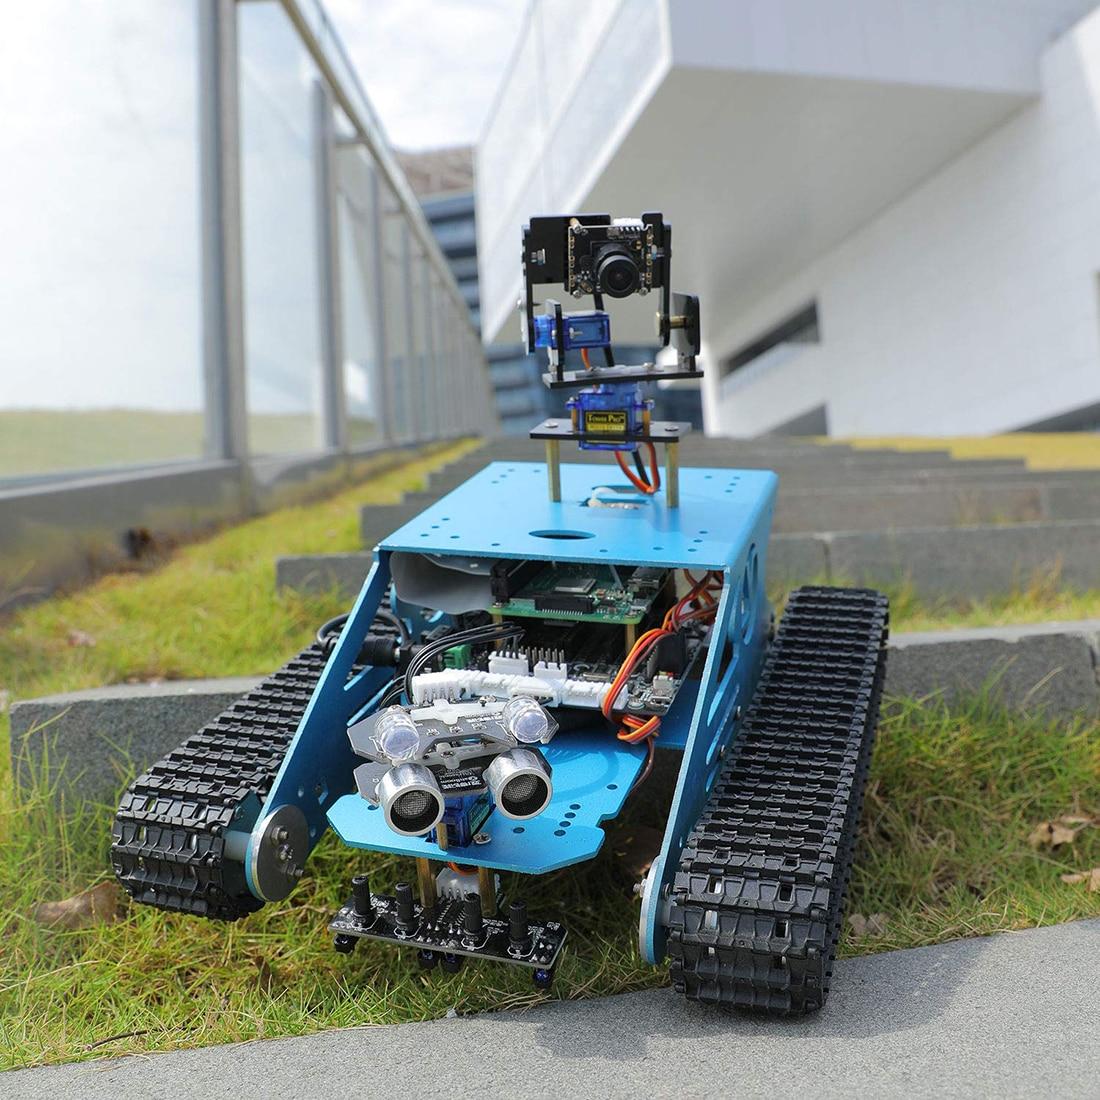 Robot à monter soi-même pour Raspberry Pi Tank intelligent robot WiFi sans fil vidéo programme électronique jouet enfants adultes Compatible pour RPI 3B/3B +